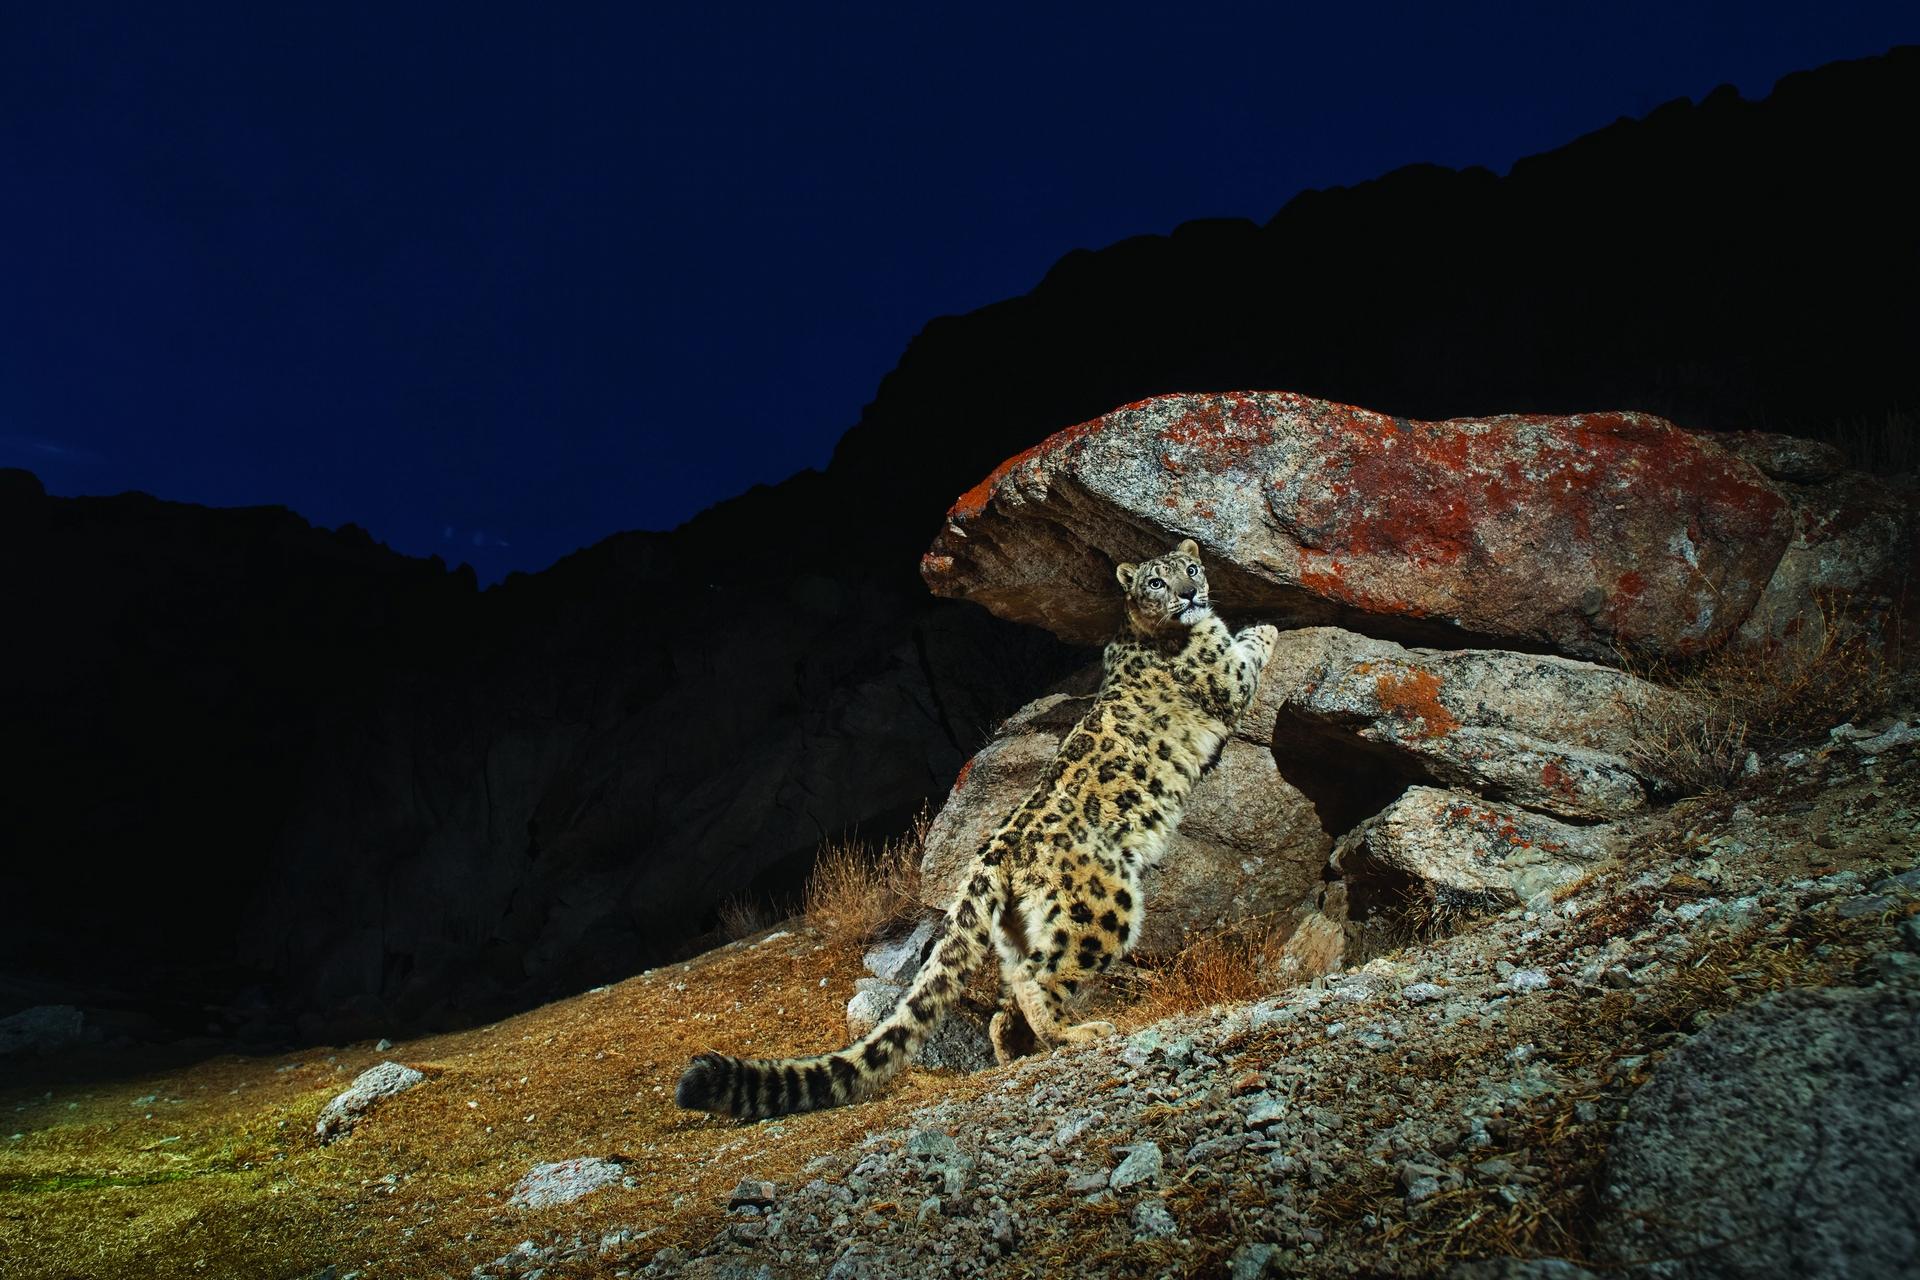 在印度拉達克地區,一隻雄雪豹正在標記自己的領域。這些貓科動物會噴尿、留下抓痕、並在岩石上磨擦臉部腺體來宣示牠們的存在。雪豹與牠們親緣最近的老虎不同,無法吼叫。但牠們會哈氣、喵喵叫、低吼以及發出嘶嘶聲。SANDESH KADUR